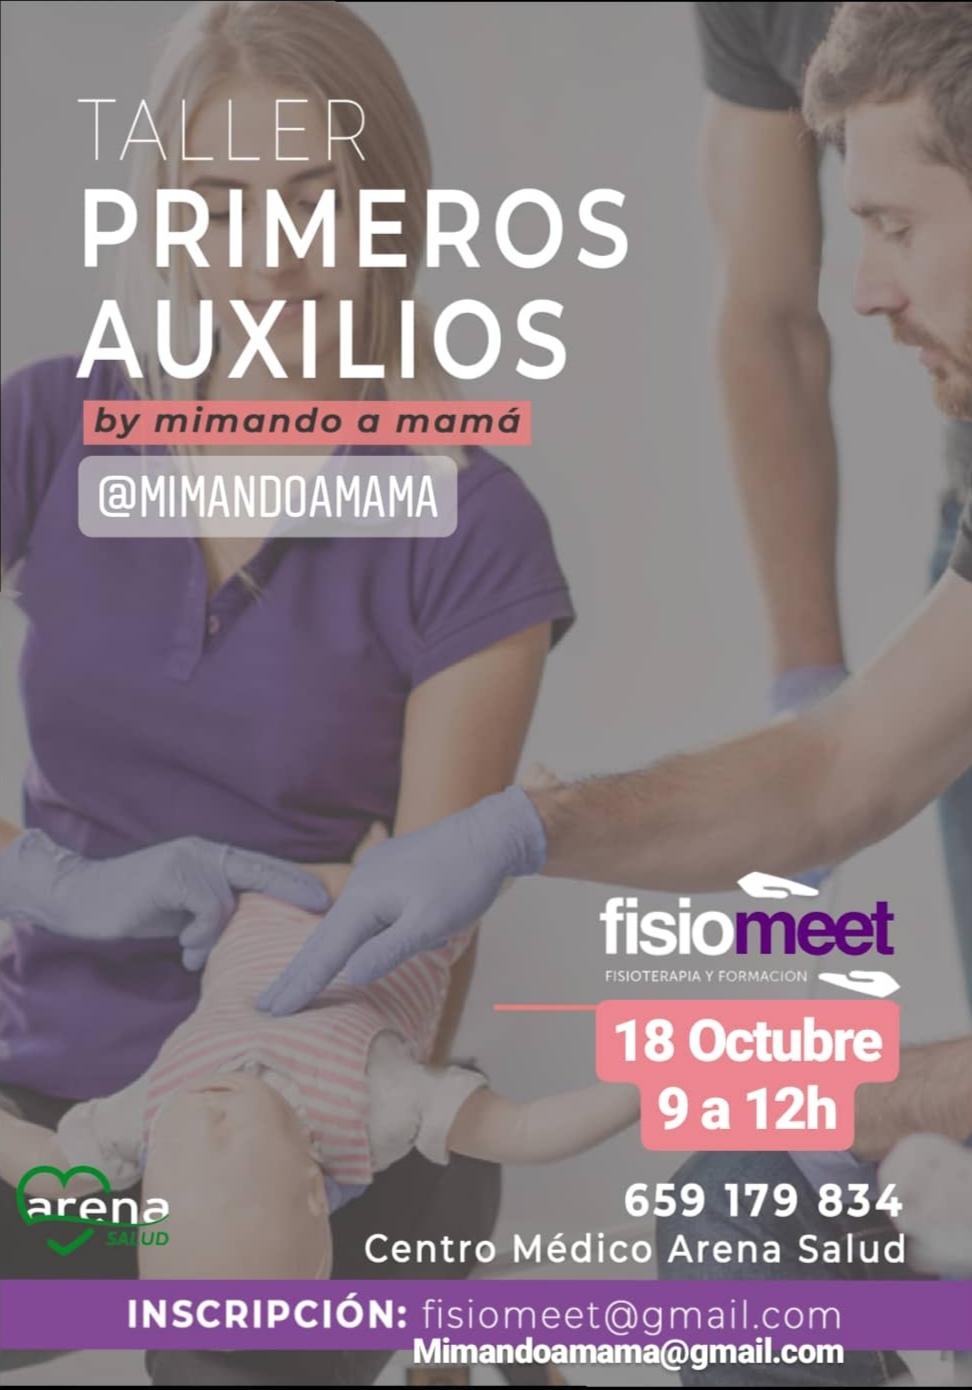 TALLER DE PRIMEROS AUXILIOS PEDIÁTRICOS